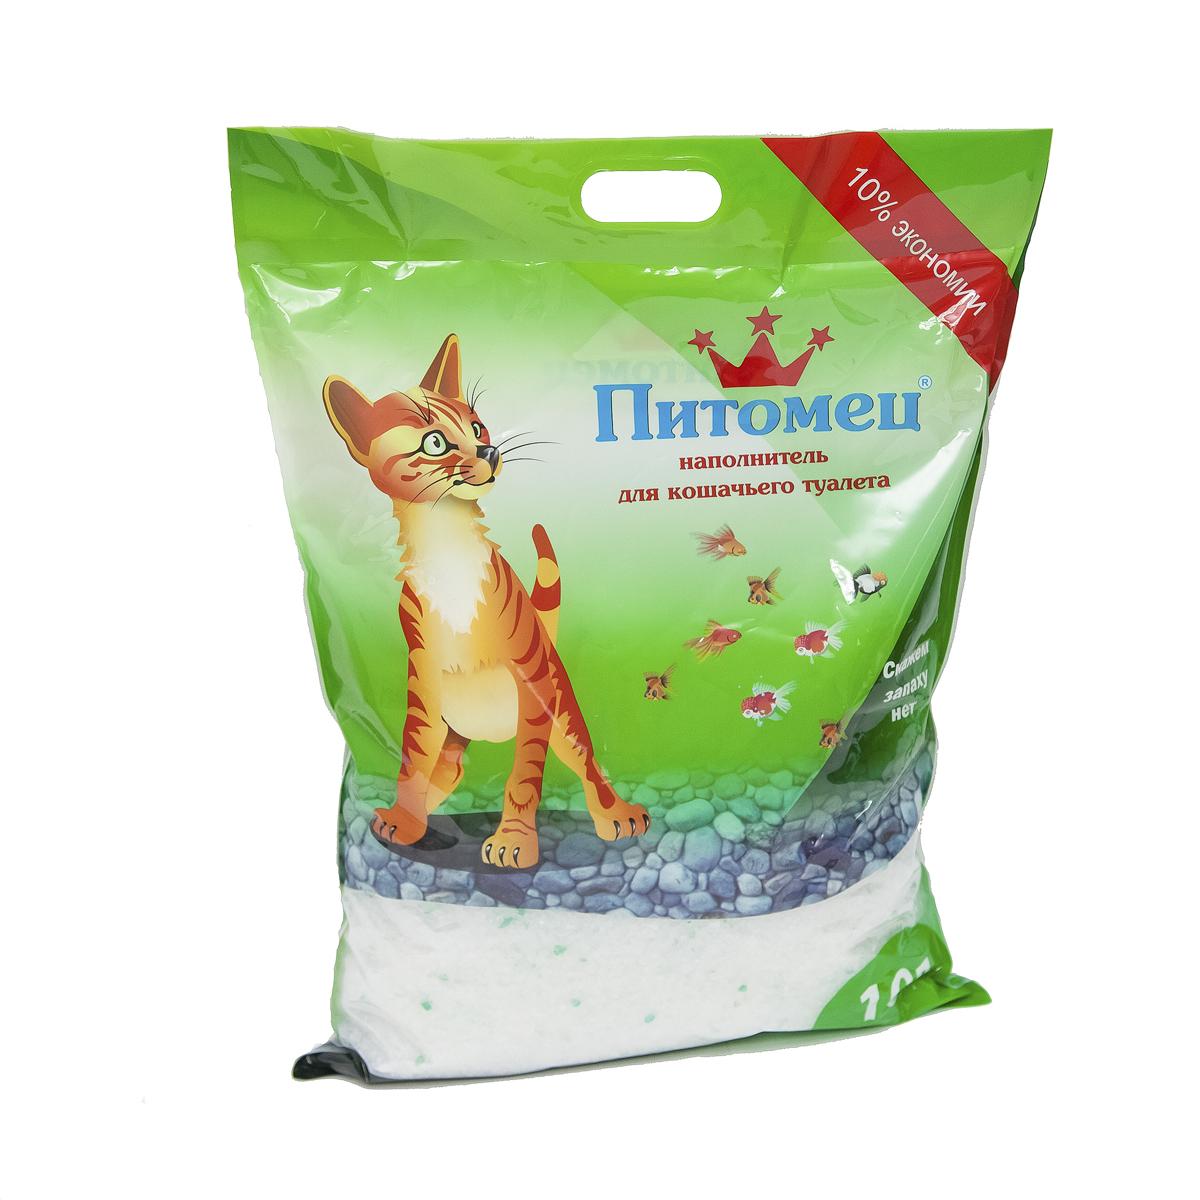 Наполнитель для кошачьего туалета  Питомец , силикагелевый, 10 л - Наполнители и туалетные принадлежности - Наполнители